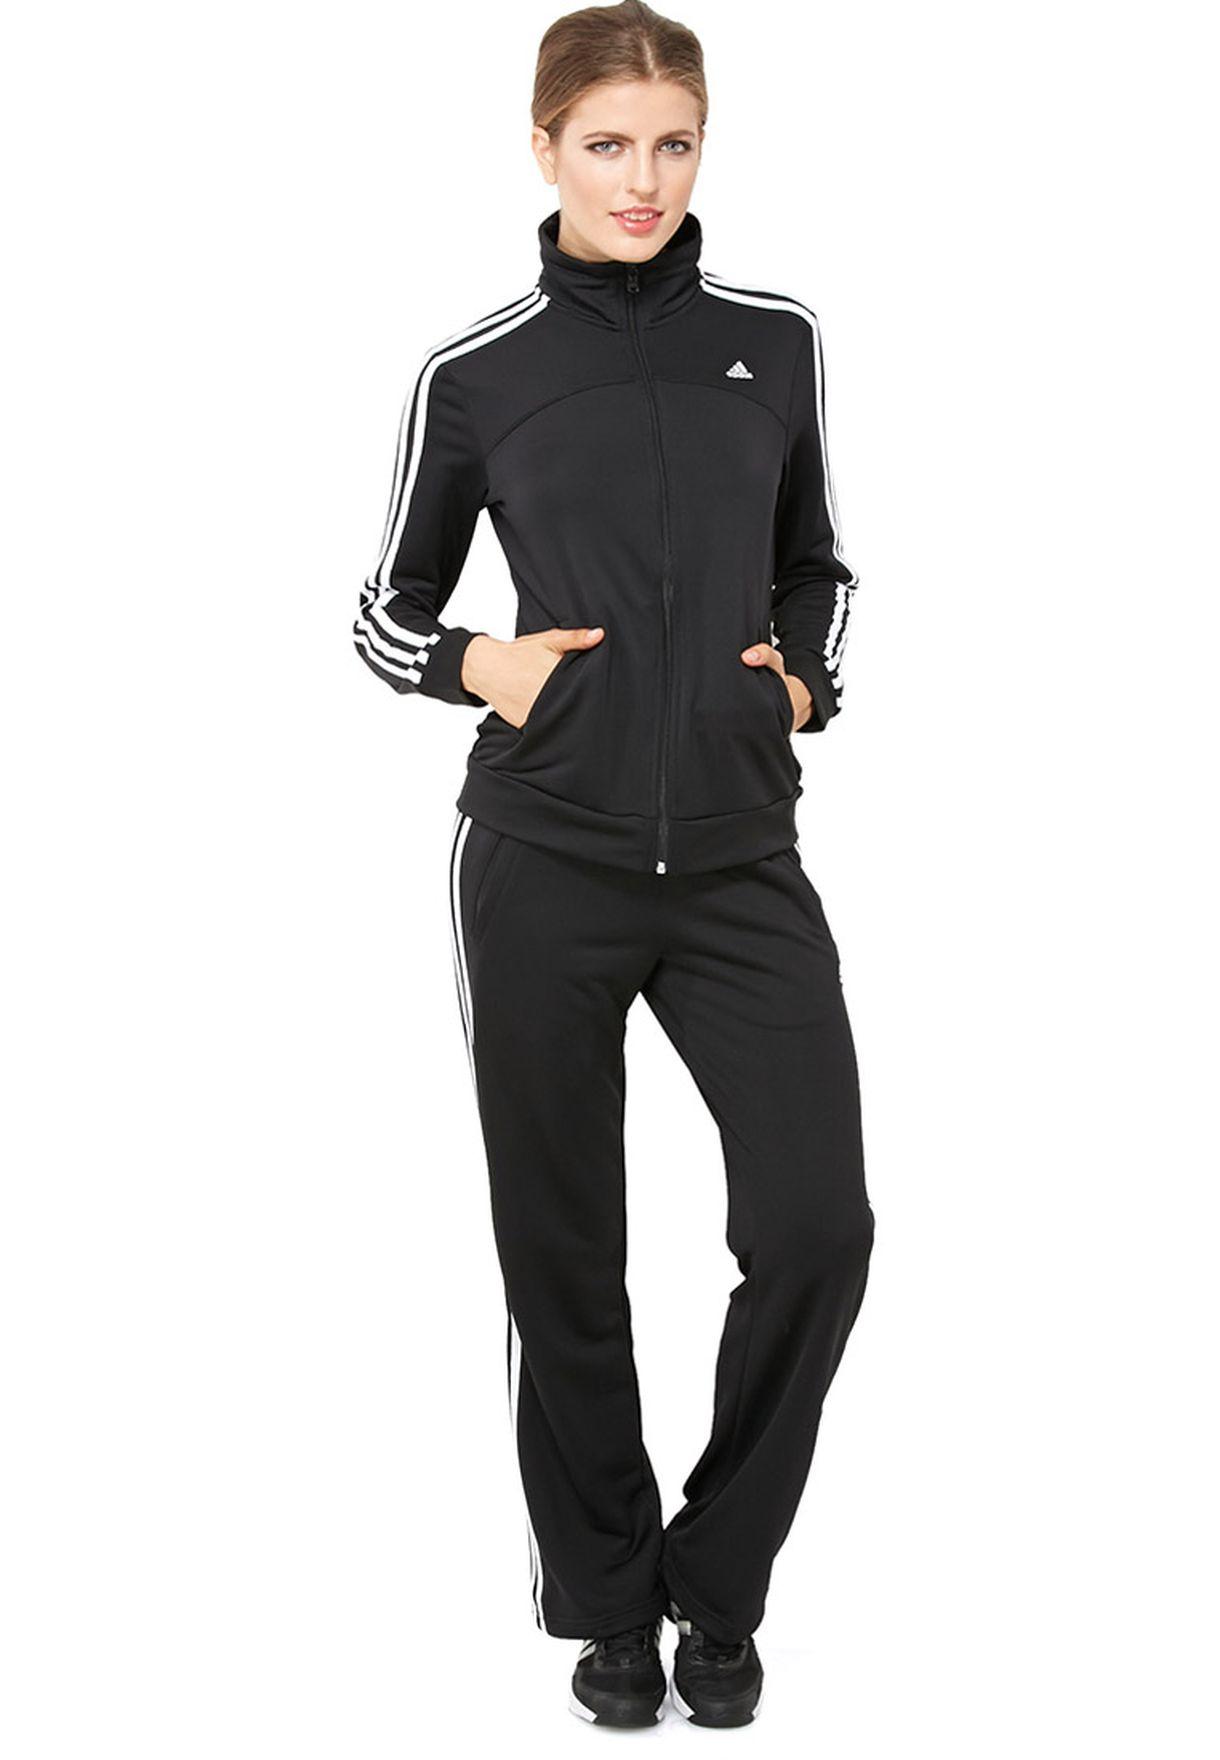 f47ba48c1 تسوق بدلة رياضية ماركة اديداس لون أسود D89812 في الامارات - AD476AT81TKK